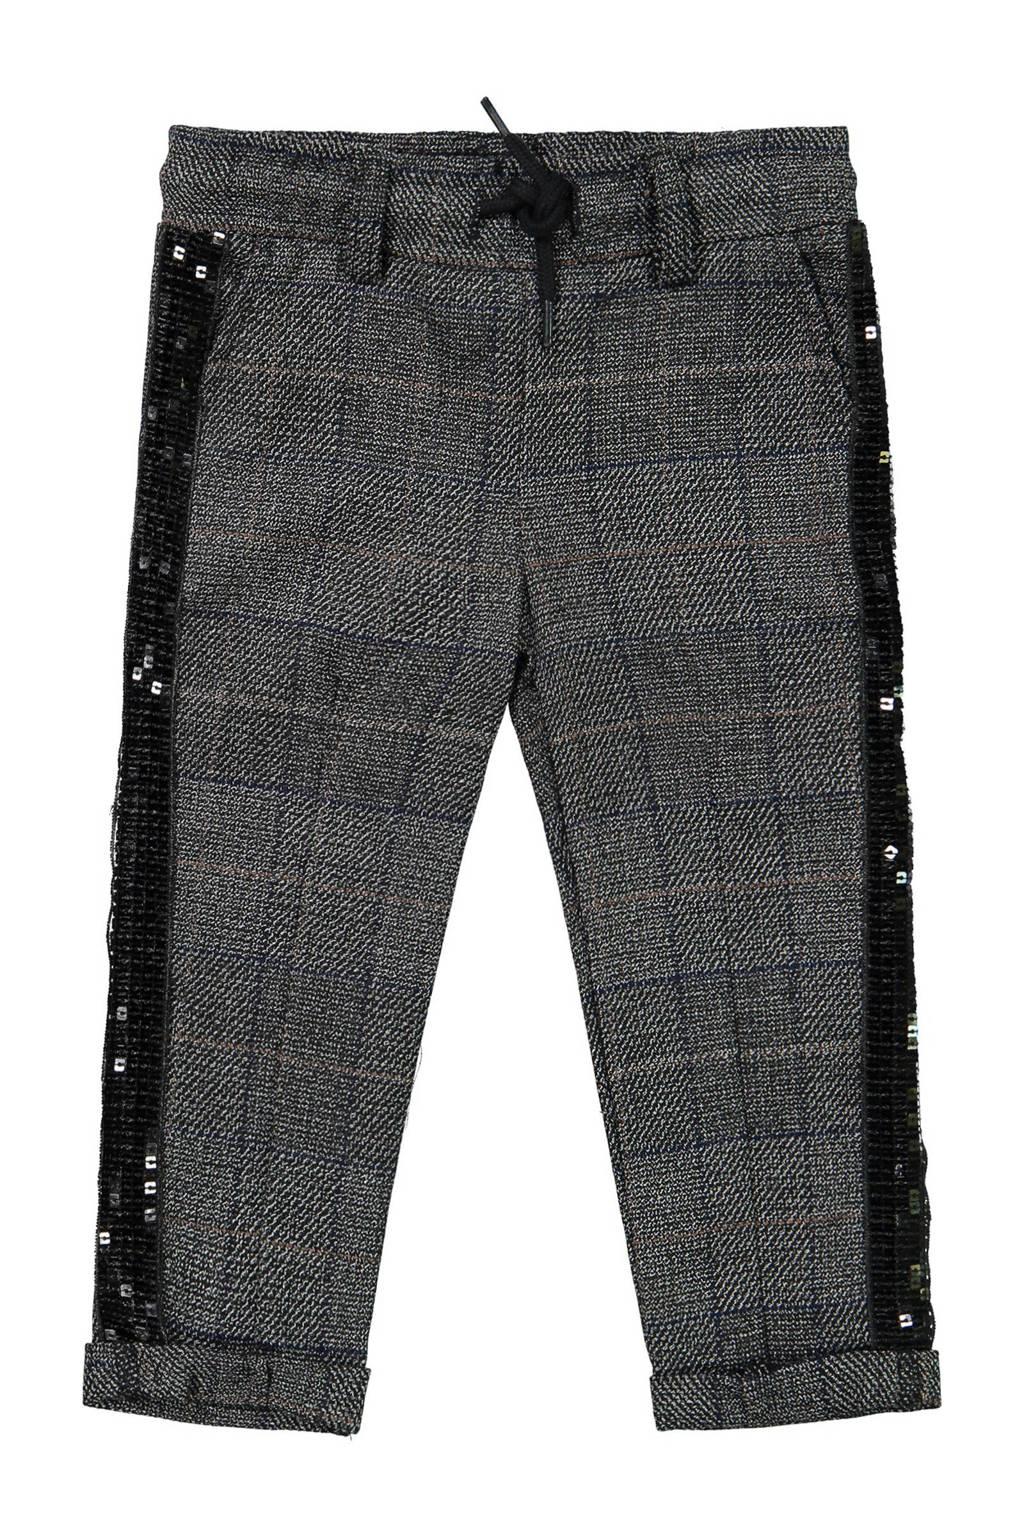 Koko Noko geruite broek met zijstreep en pailletten grijs, Grijs